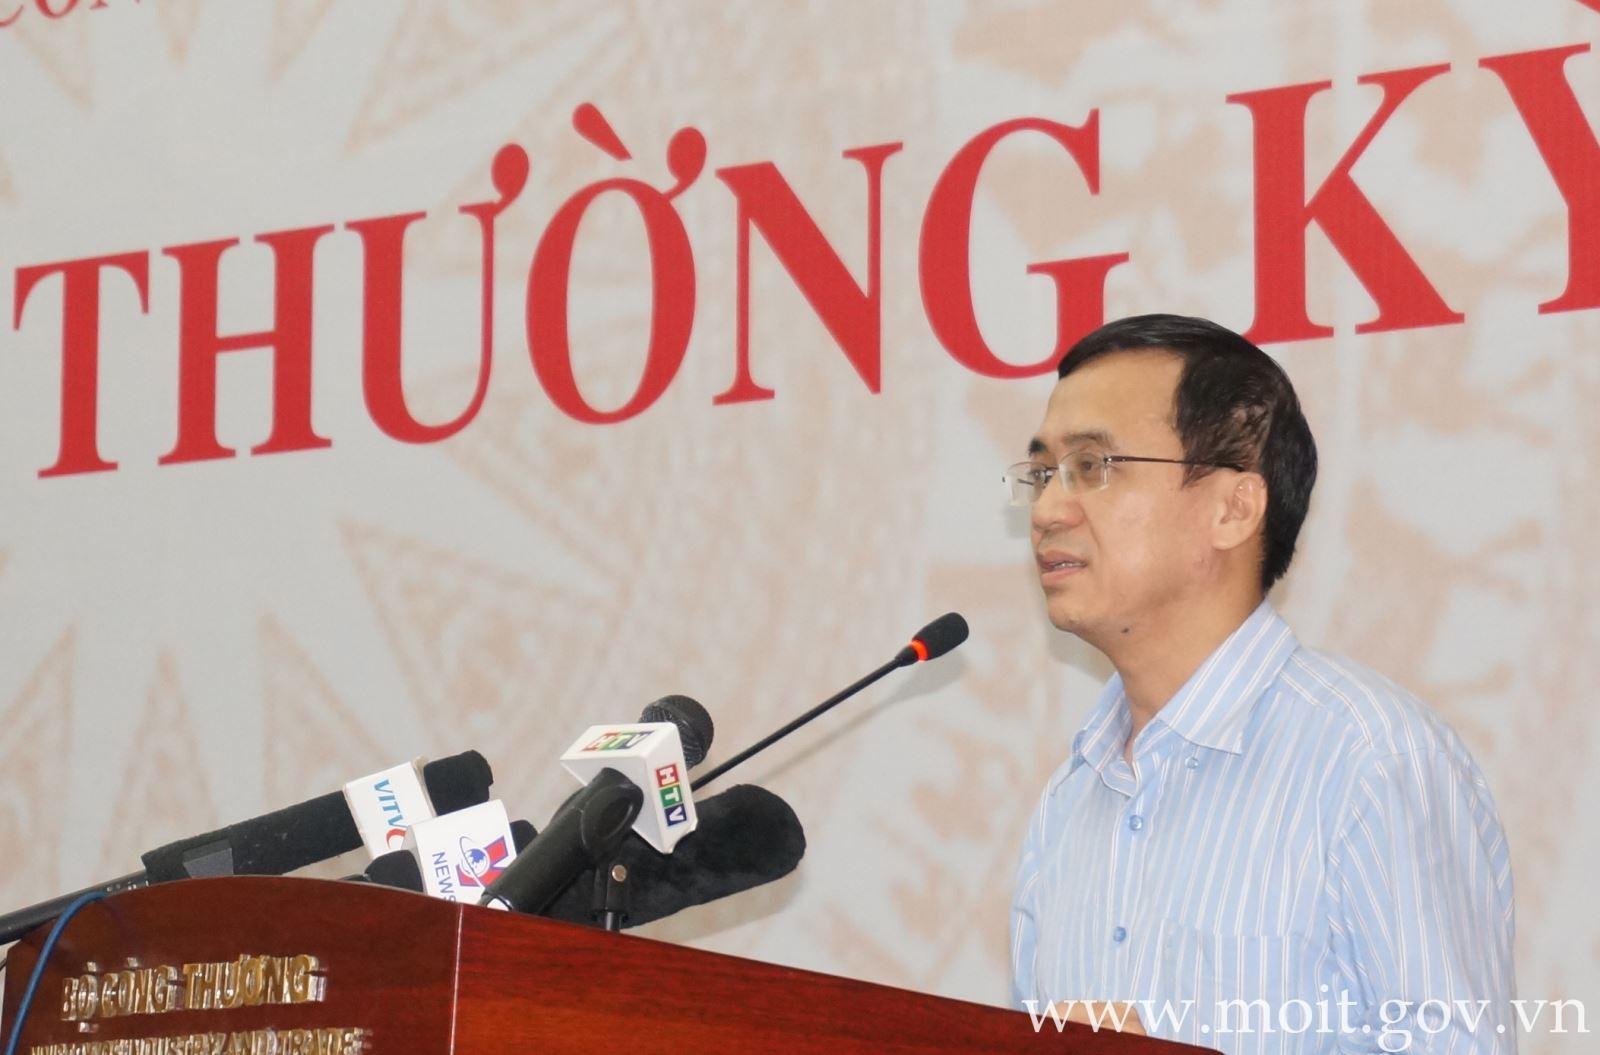 Ông Đinh Thế Phúc - Phó Cục trưởng Cục Điều tiết điện lực, Bộ Công Thương